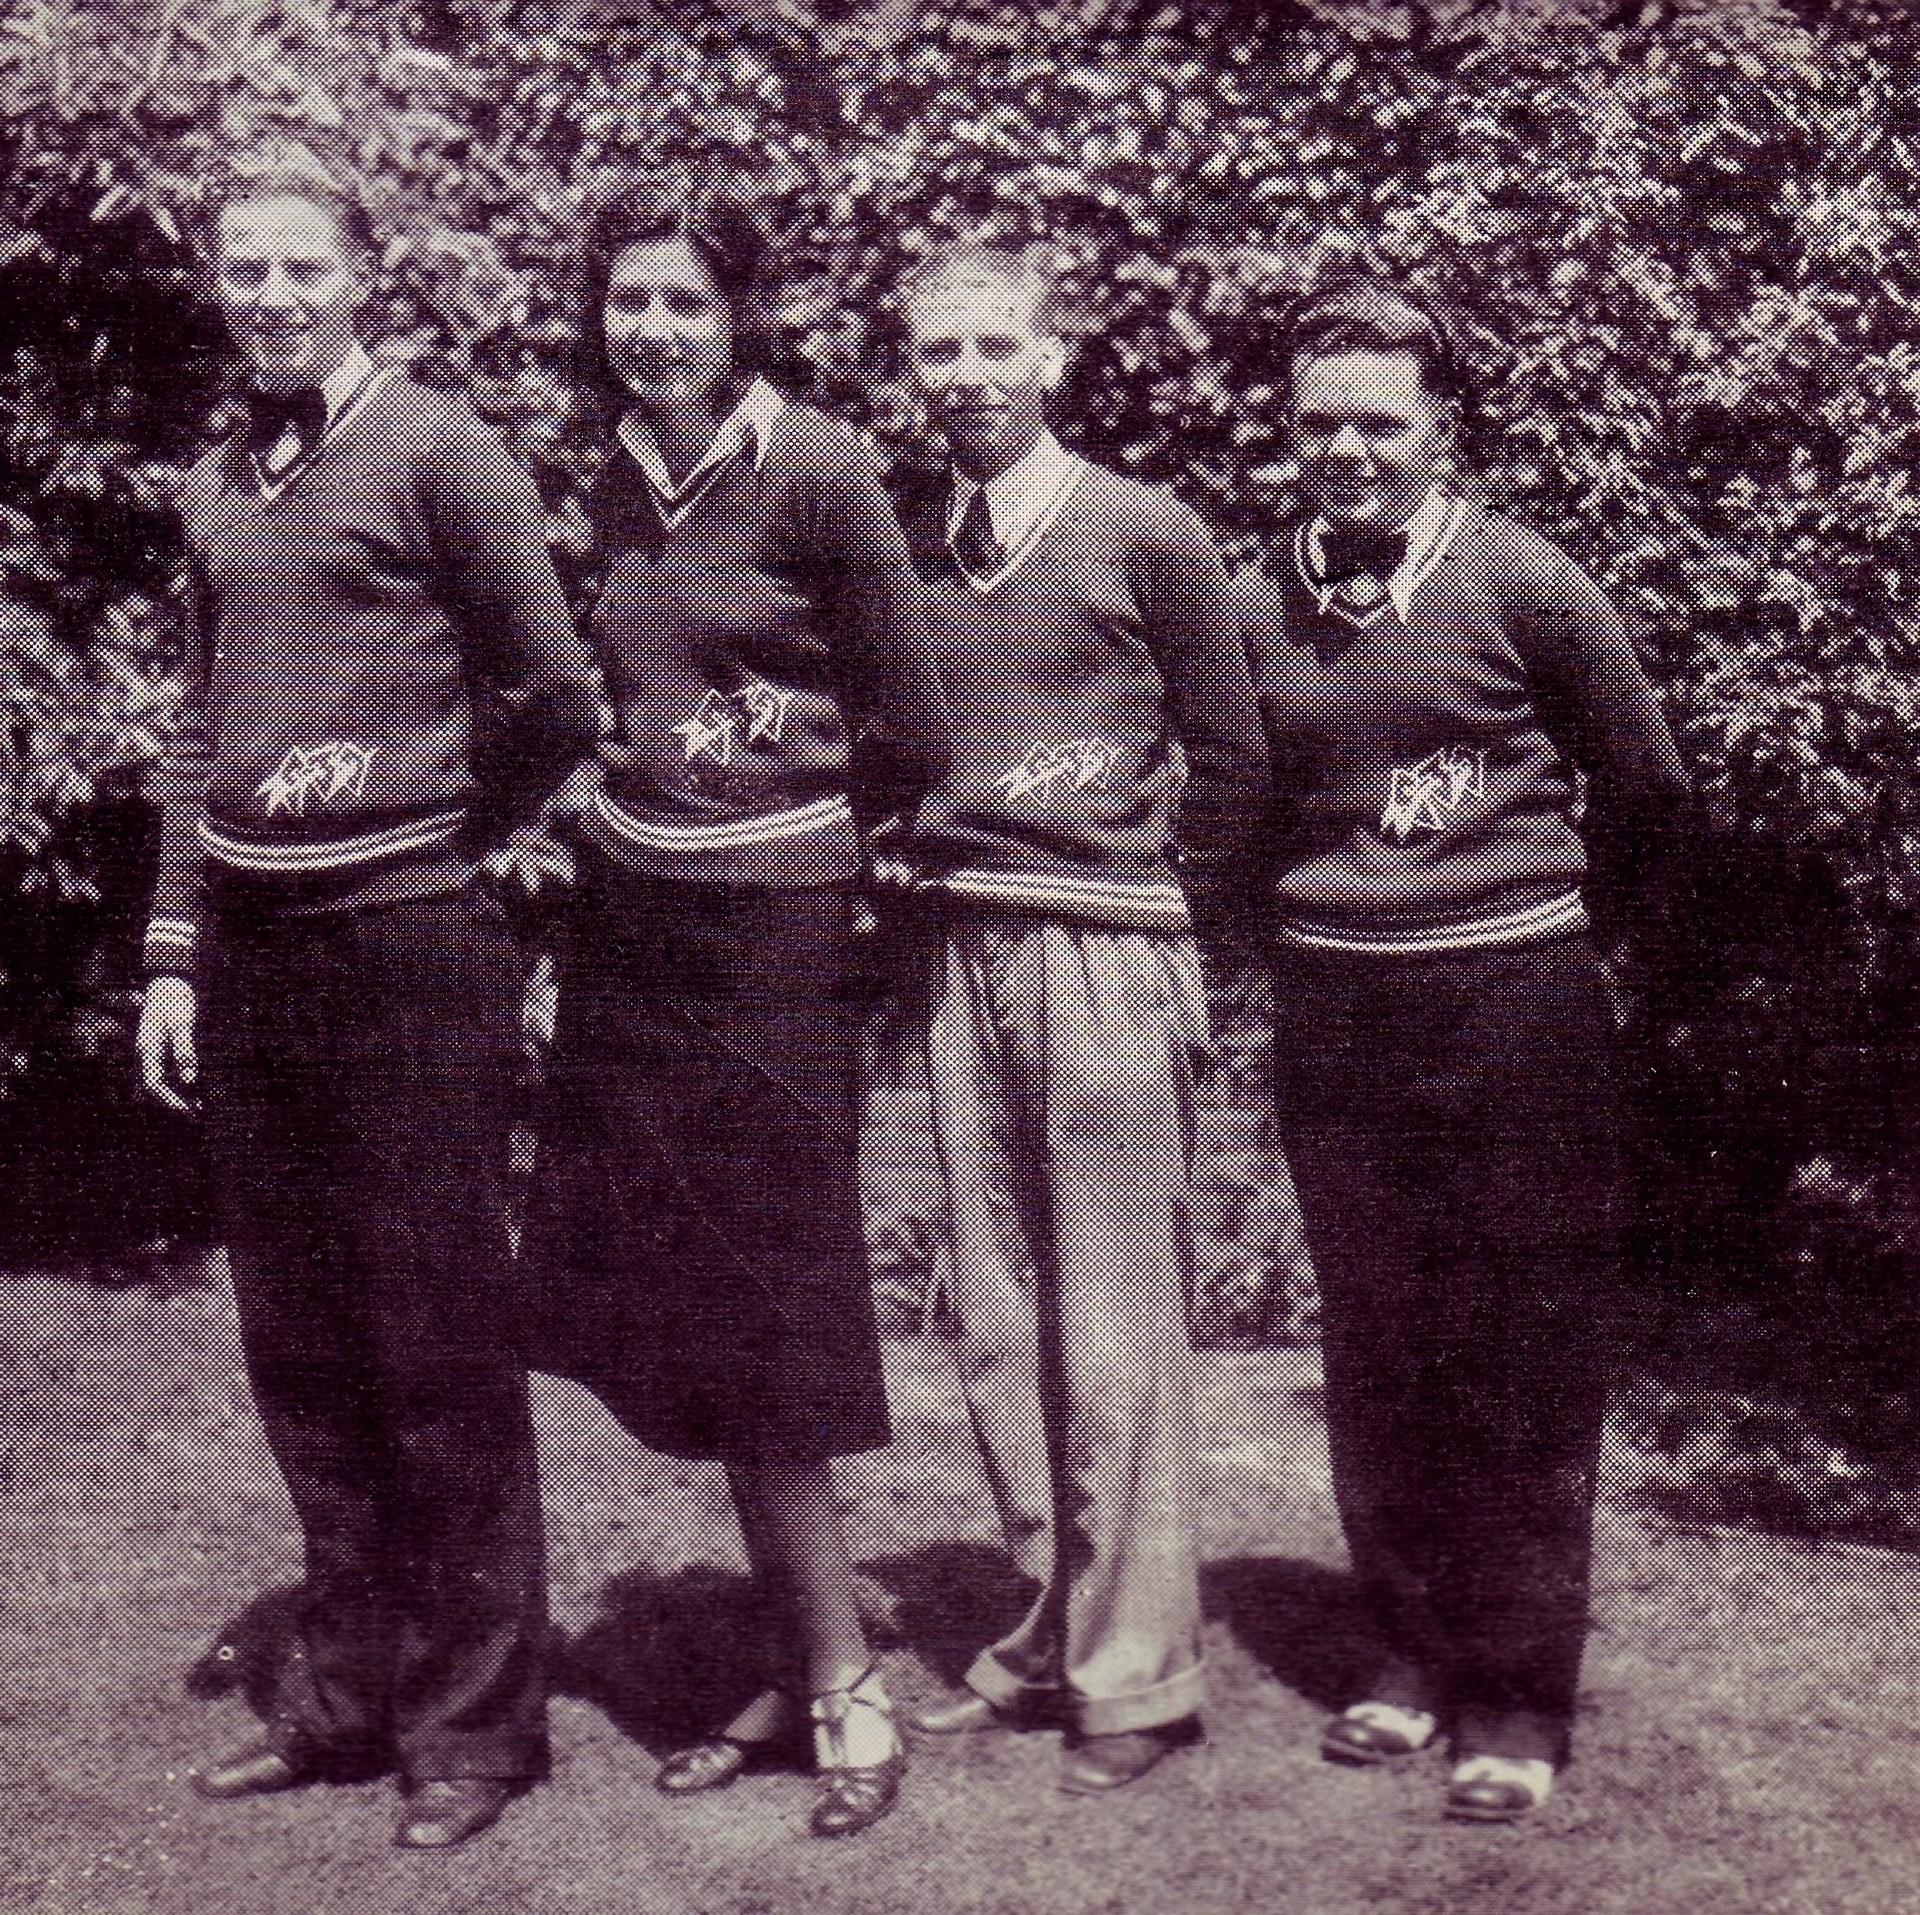 ephebians 1930